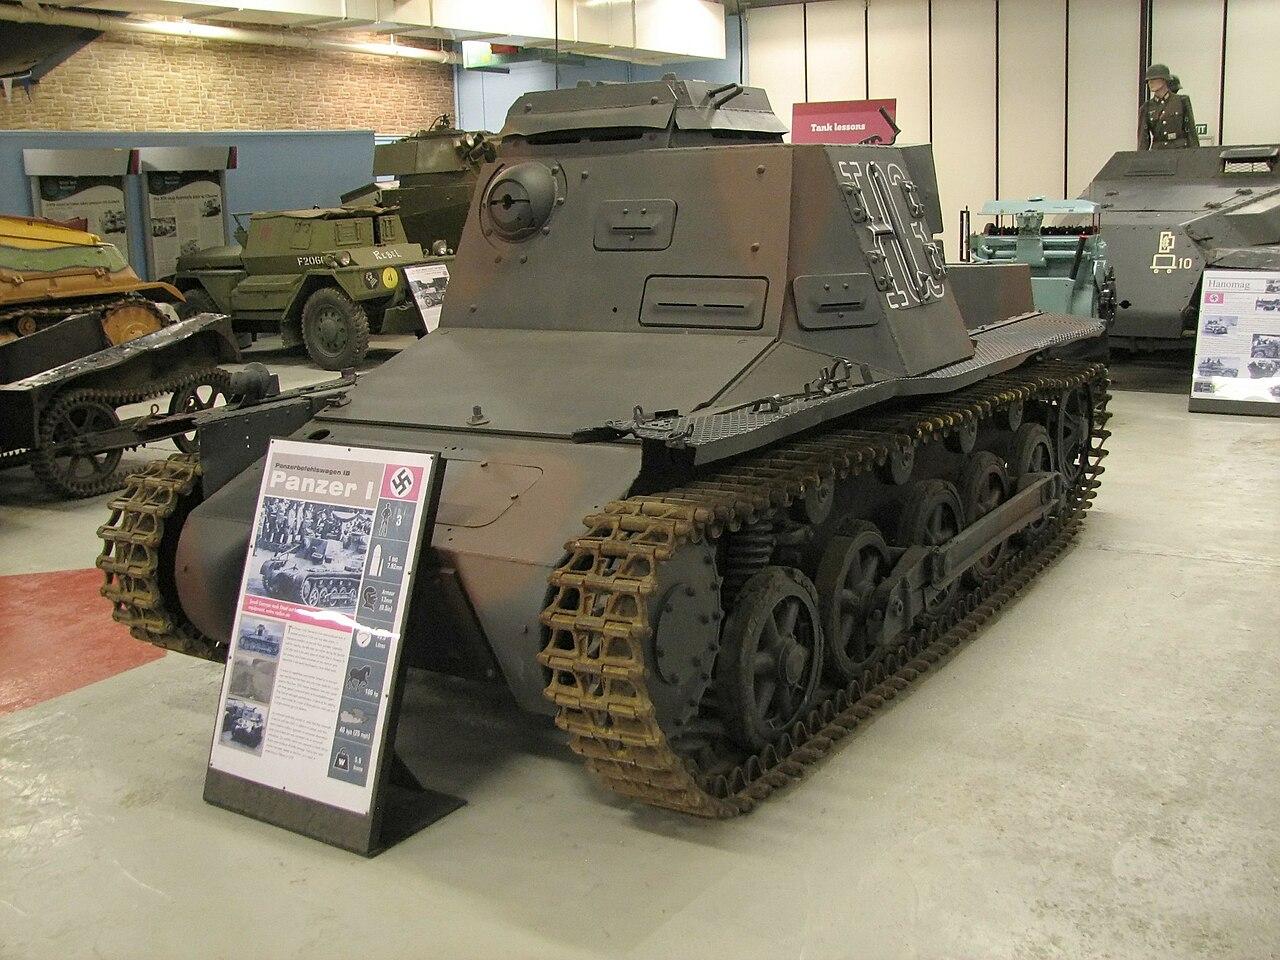 Panzerbefehlswagen I en el museo de carros de Bovington. Fuente: Wikipedia.